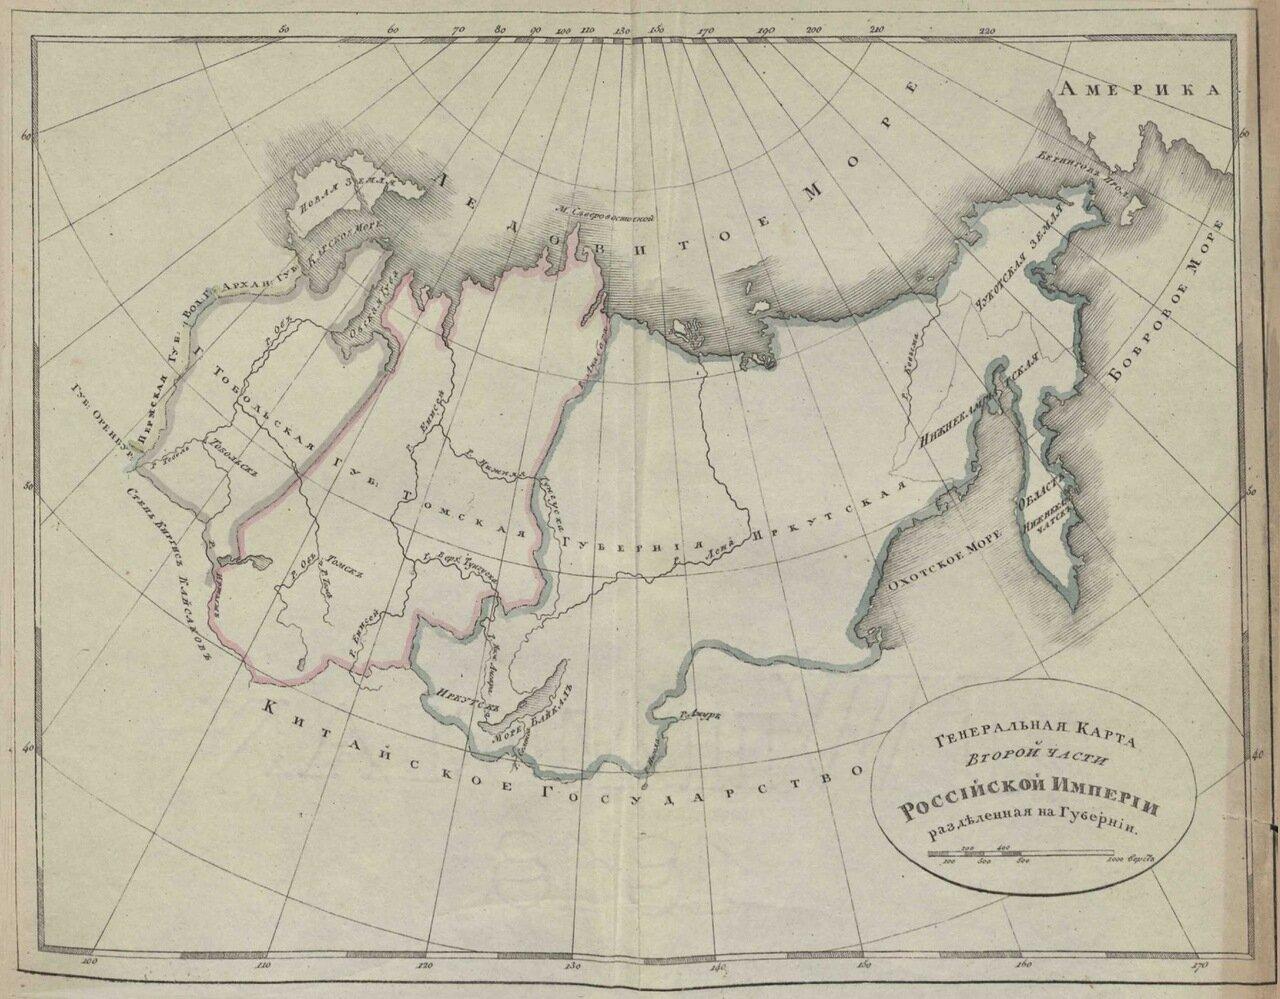 Ген. карта  второй части Российской империи